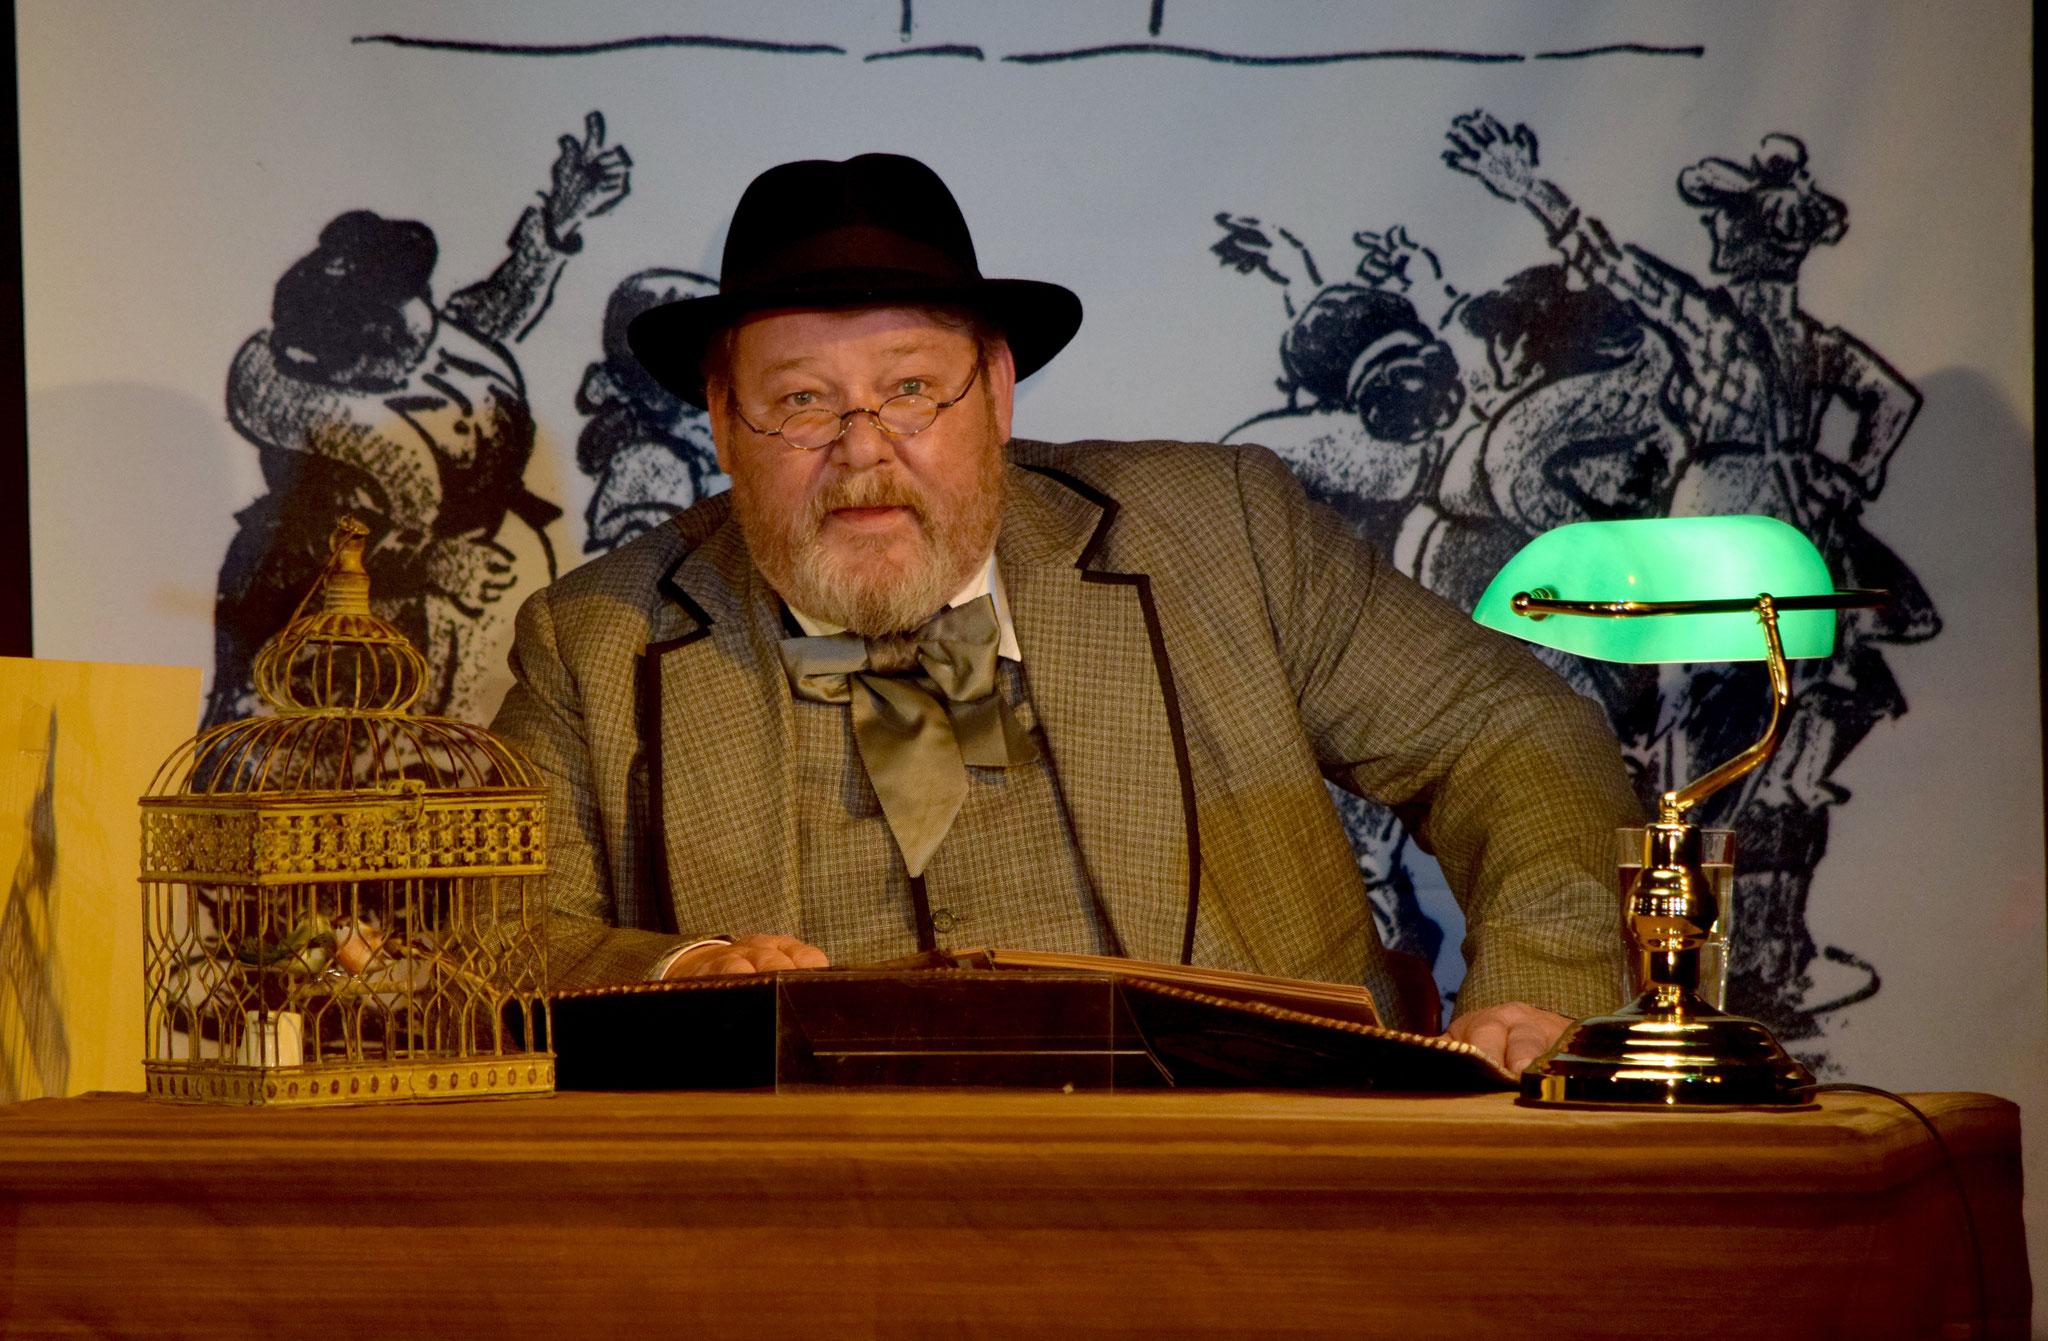 """Tipp 13: Sa, 14.9., 19 Uhr: """"Hurengespräche"""". Walter Plathe liest aus dem 100 Jahre alten Skandalbuch von Heinrich Zille. Freizeitforum Marzahn"""